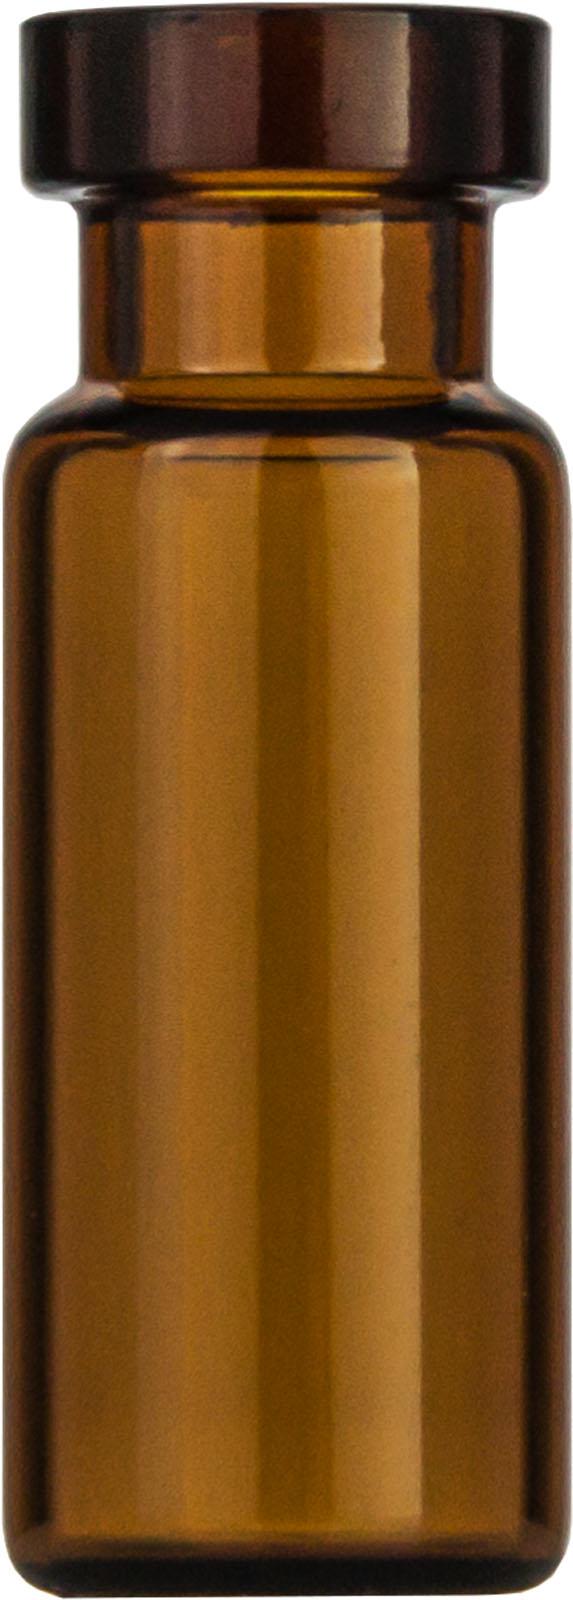 Vial N11-1.5, RR, b, 11,6x32, flach